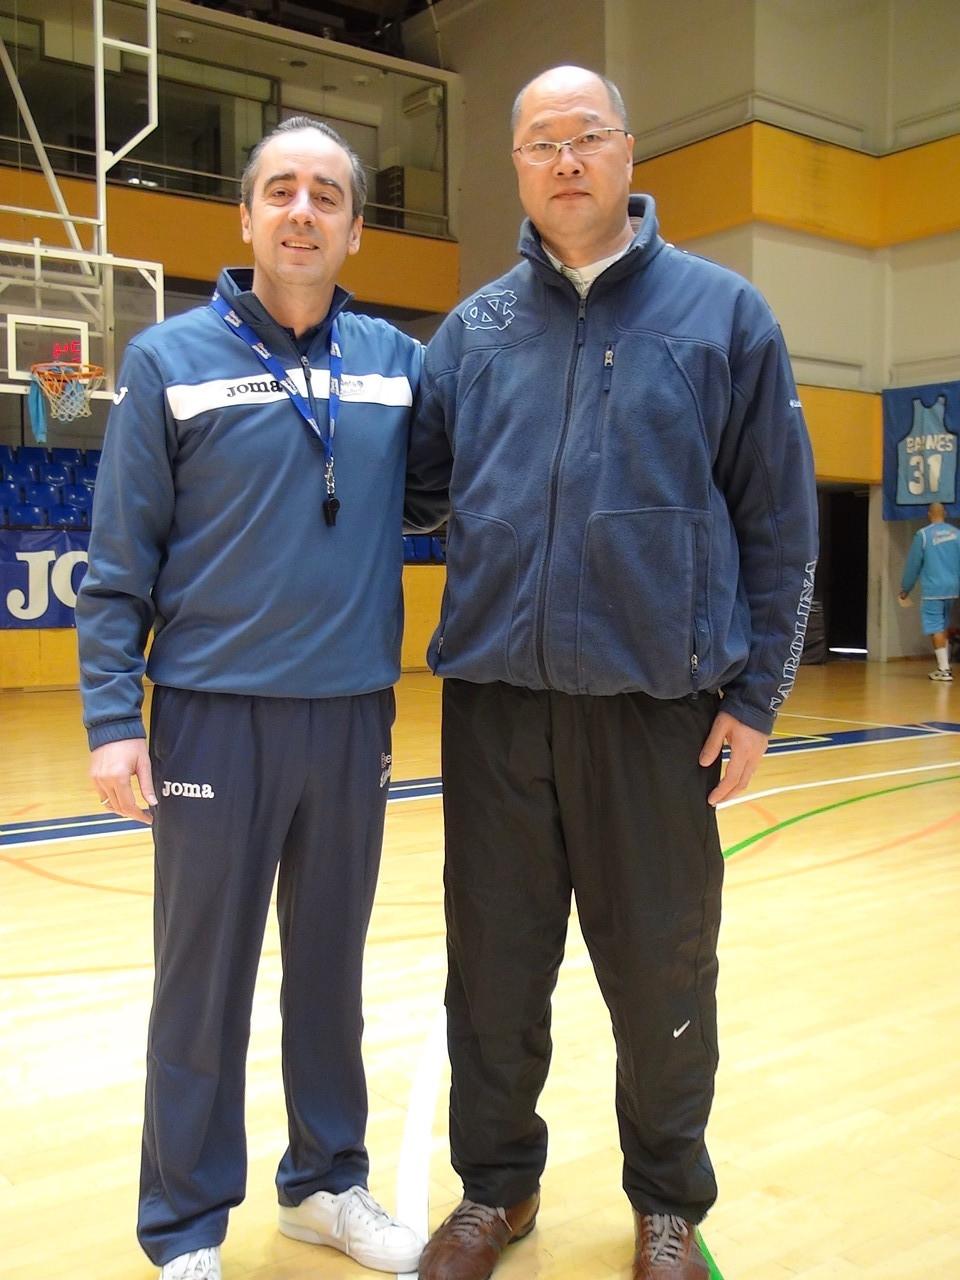 トップチームHCのチュス・ビドレタ氏と筑波大学HCの吉田健司氏